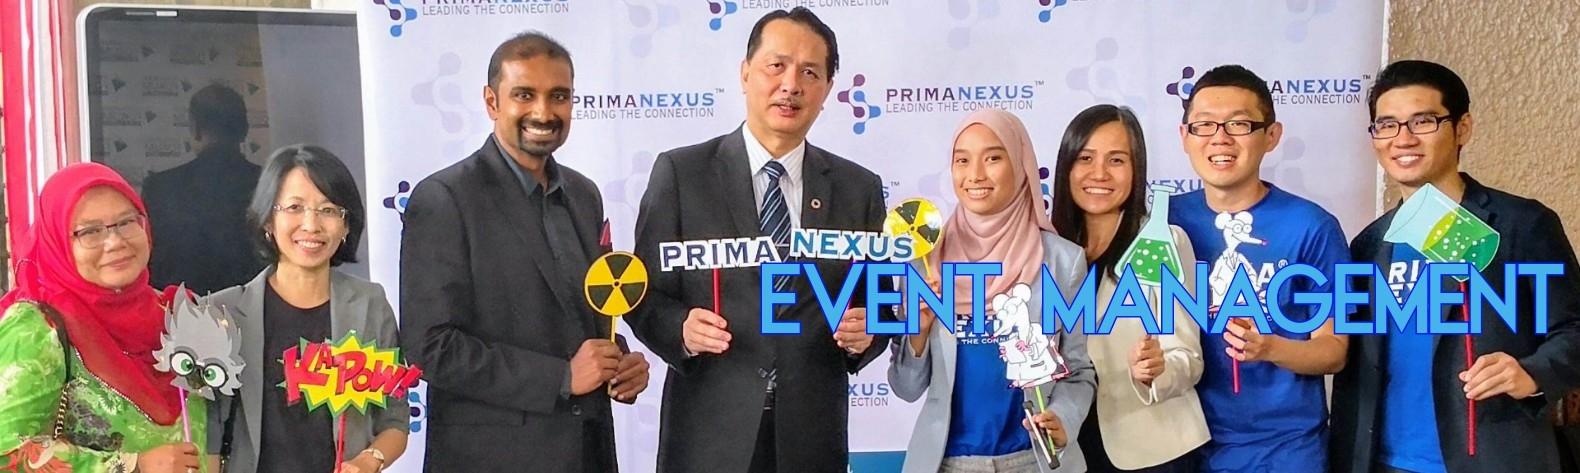 http://primanexus.com.my/events